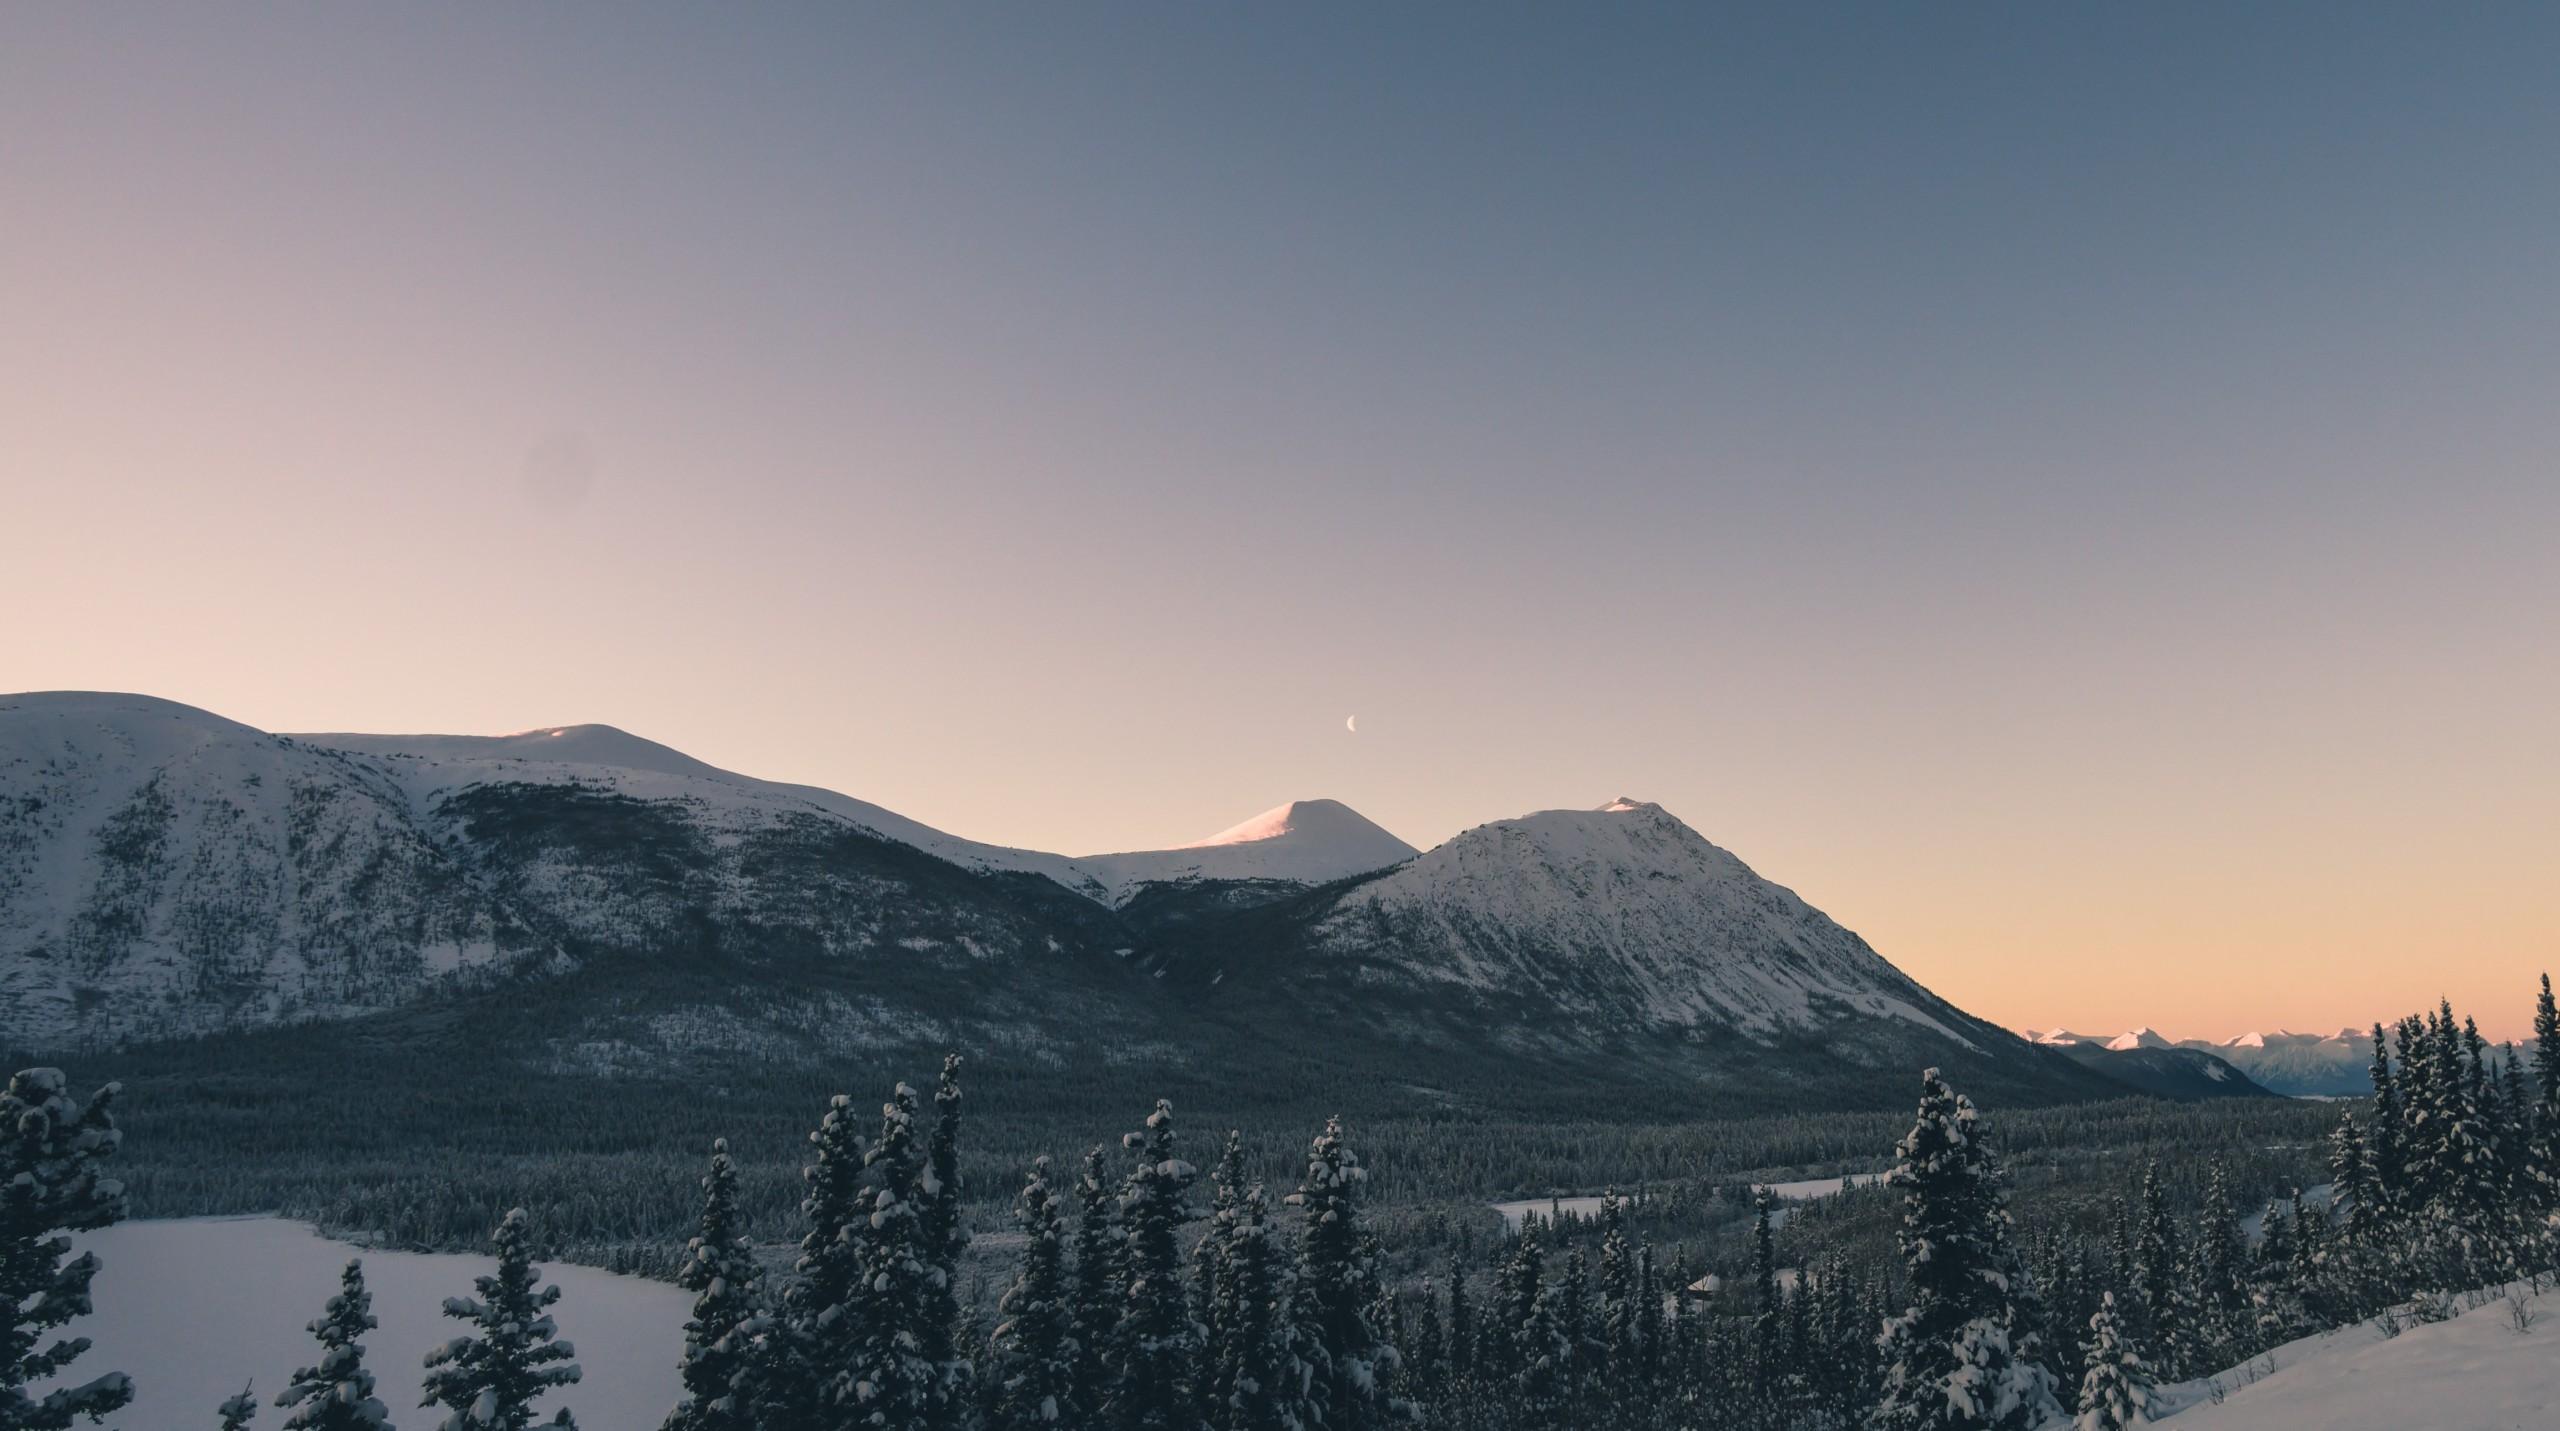 leonard-laub-Yukon-unsplash